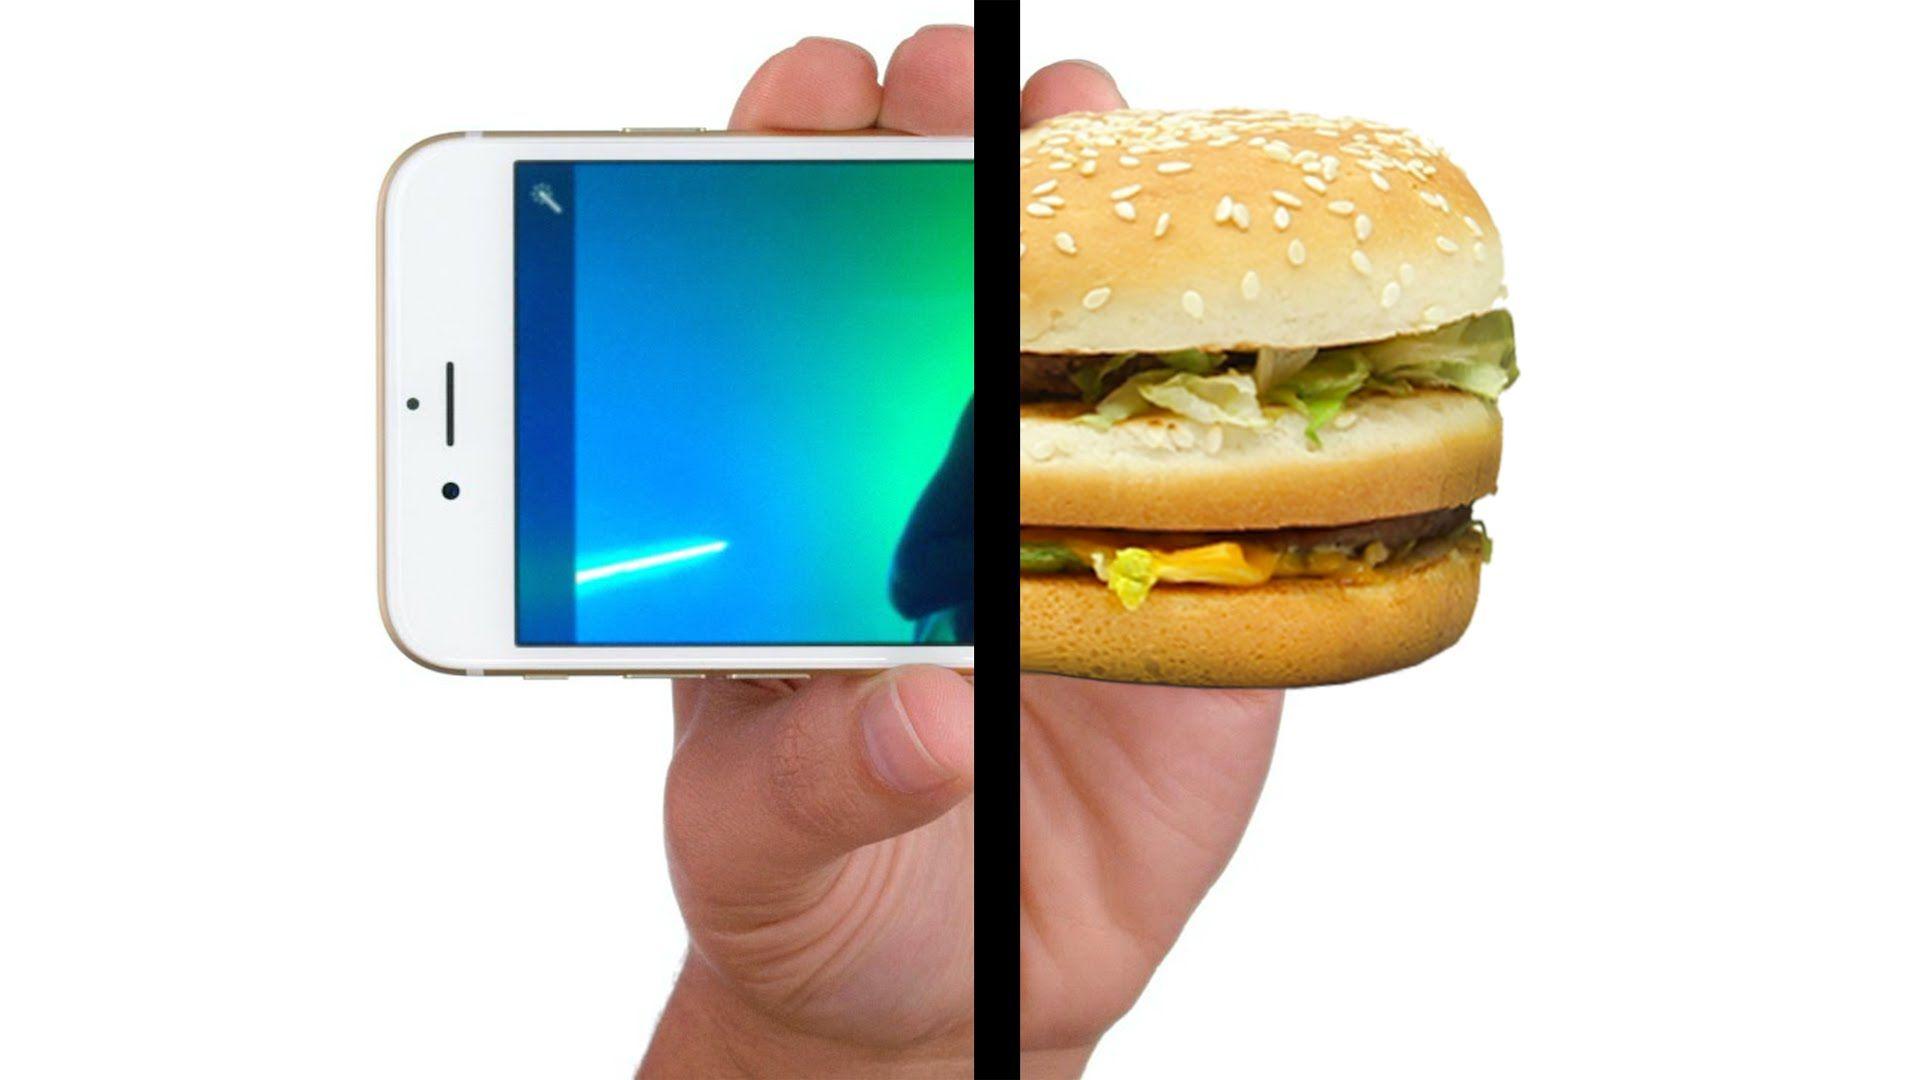 Genial vídeo de com seria la publicitat de McDonalds feta per Apple. #Humor